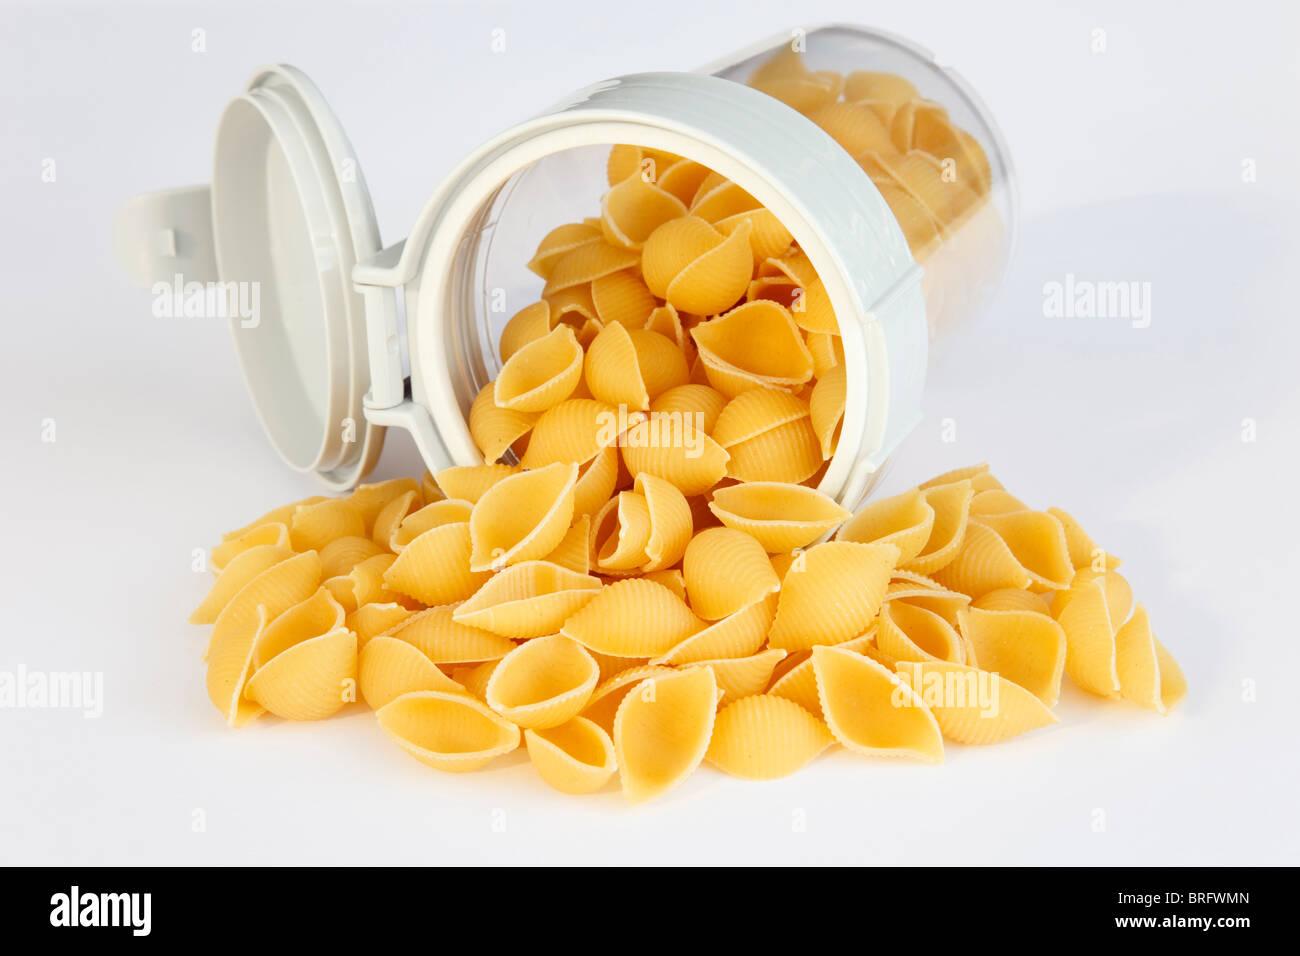 Pila di conchiglie crudo gusci di pasta la fuoriuscita di un contenitore in plastica per alimenti con coperchio Immagini Stock